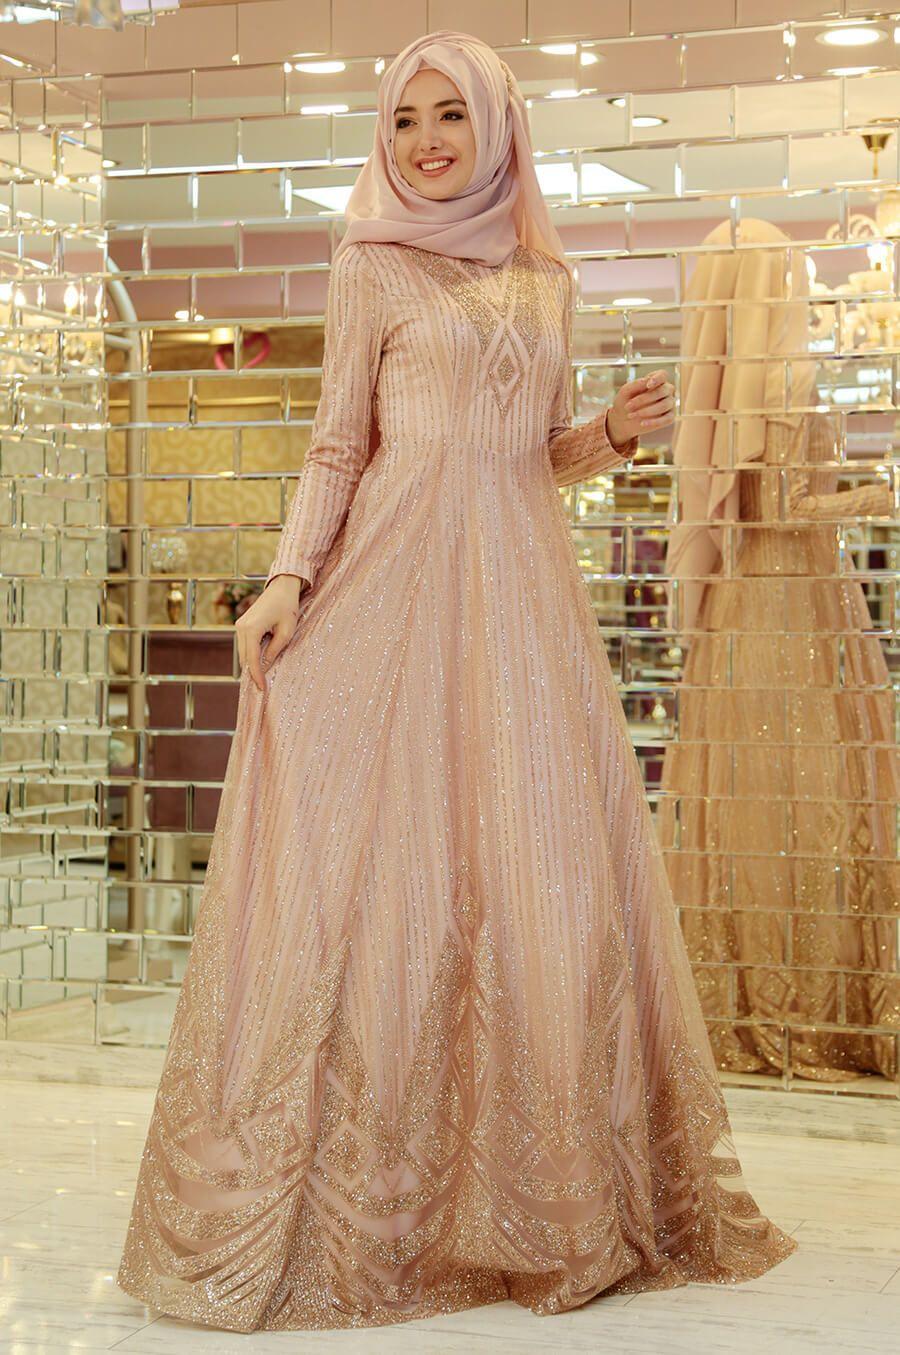 2018 Gamze Ozkul Abiye Elbise Modelleri Tesettur Abiye Elbiseleri Tesettur Giyim Formal Dresses Long Fashion Dresses